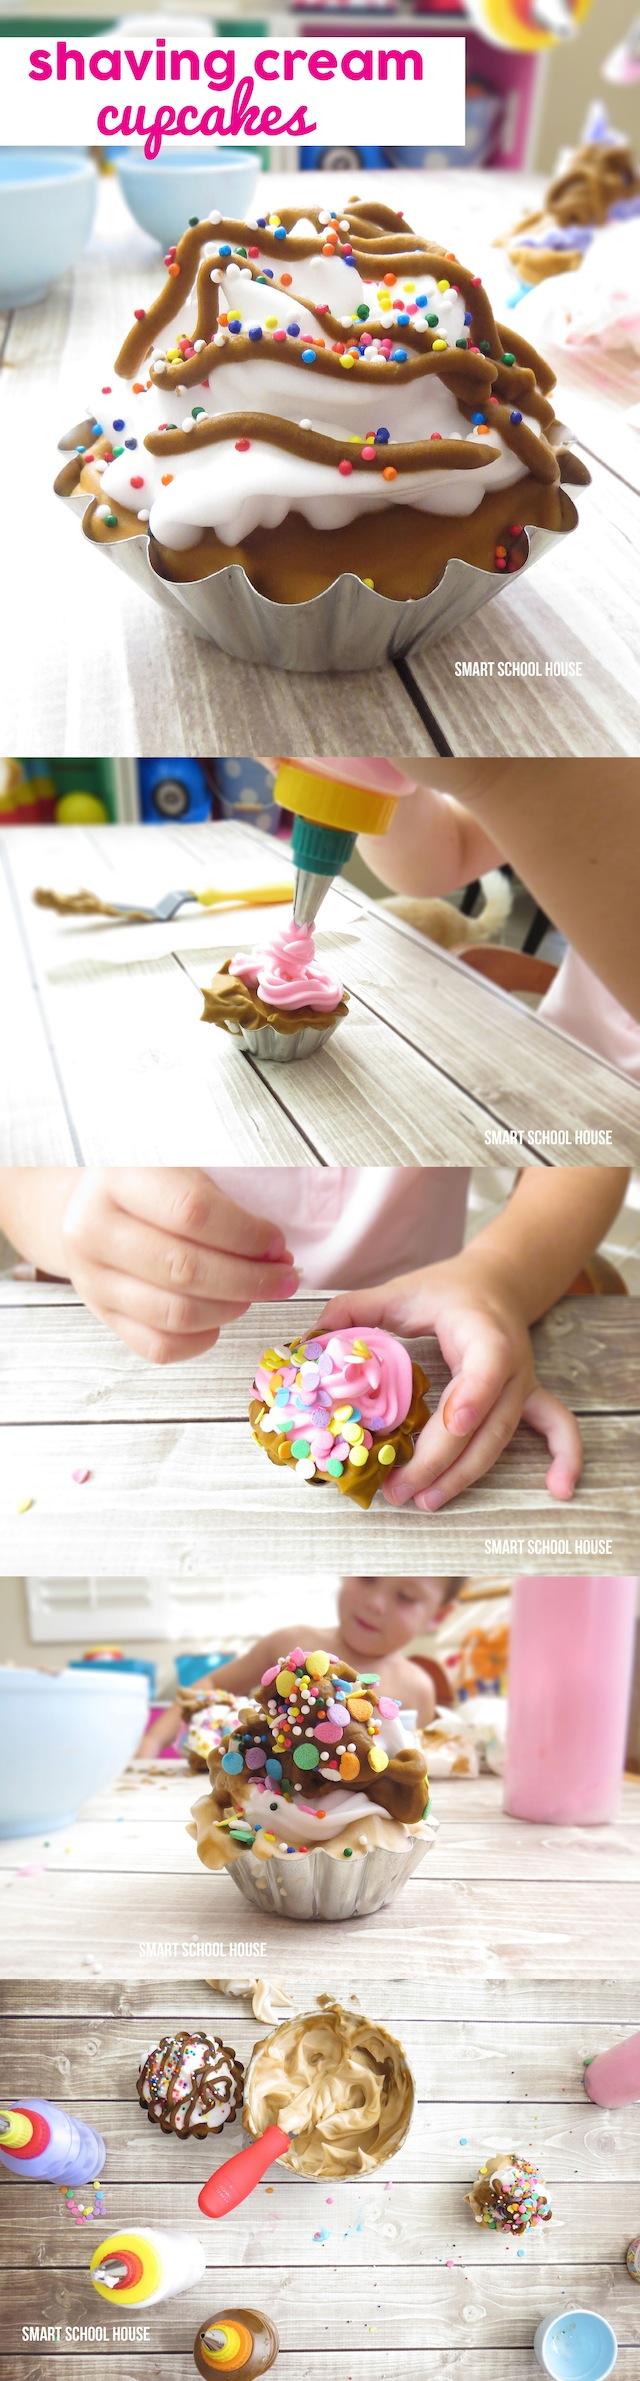 Shaving Cream Cupcakes